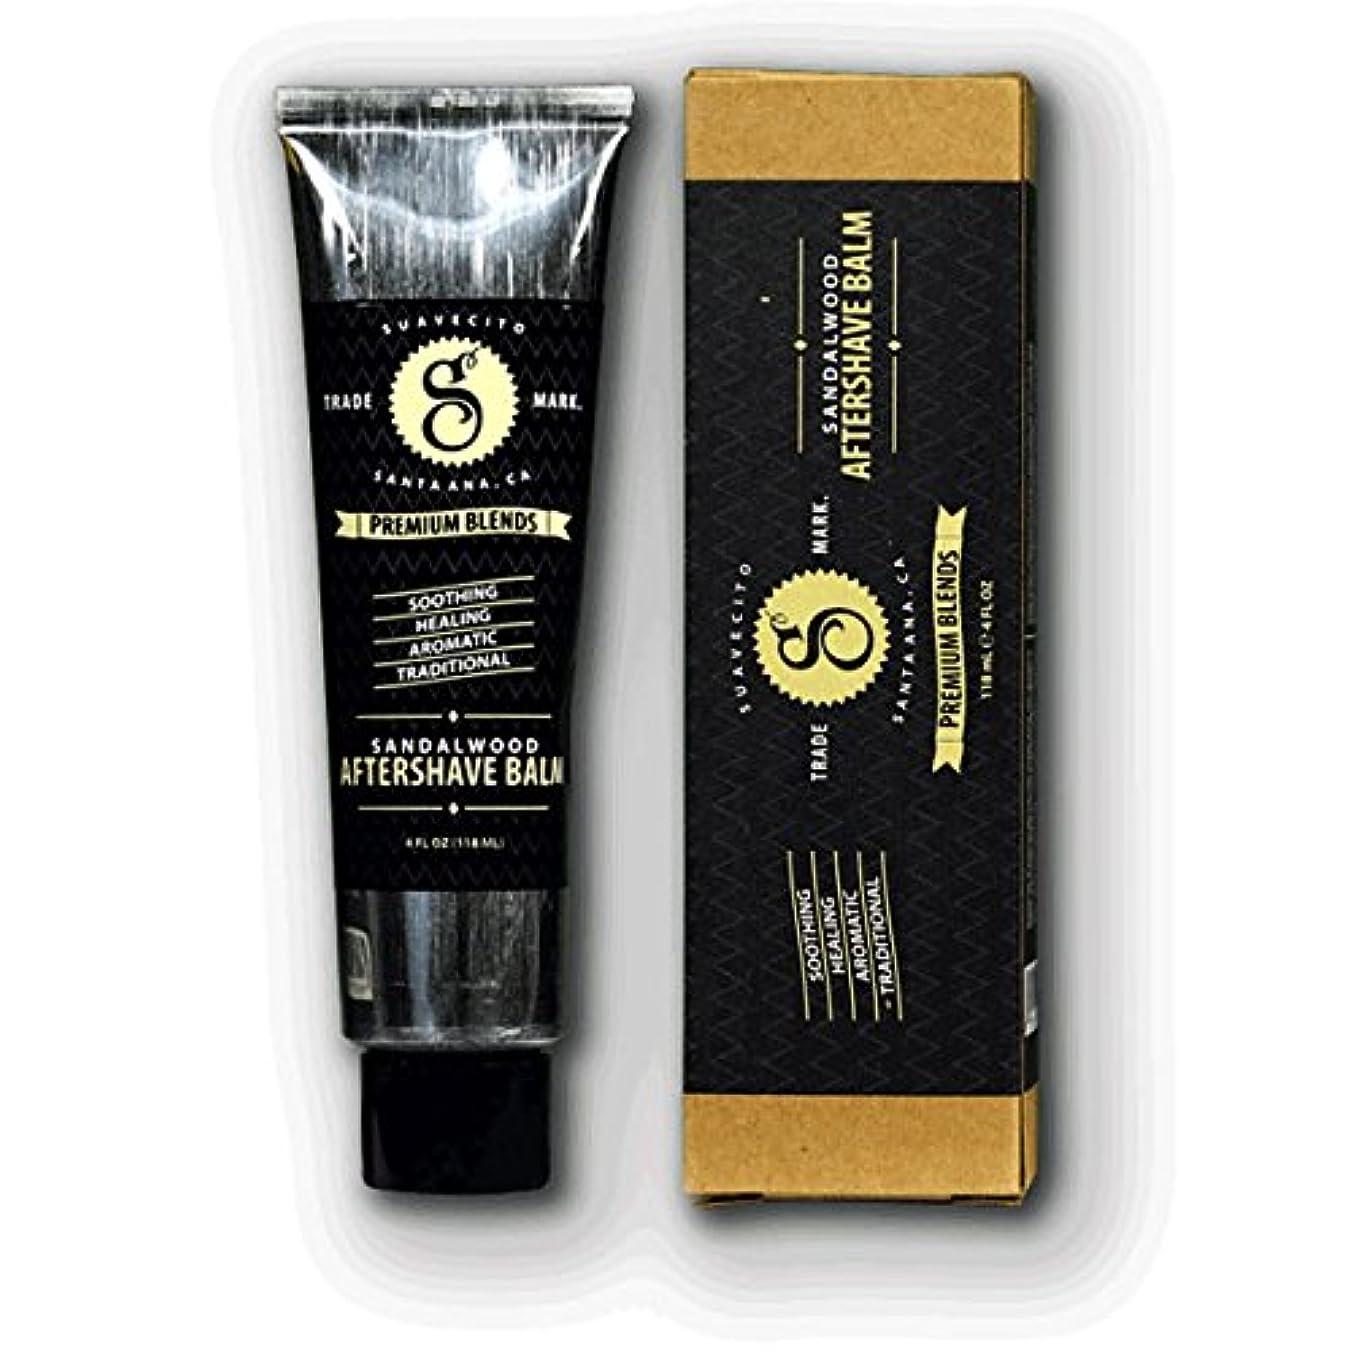 シェフ代理人エージェントSUAVECITO スアベシート 【Premium Blends Sandalwood Aftershave Balm 4oz】 シェービングクリーム 4OZ(約110G)